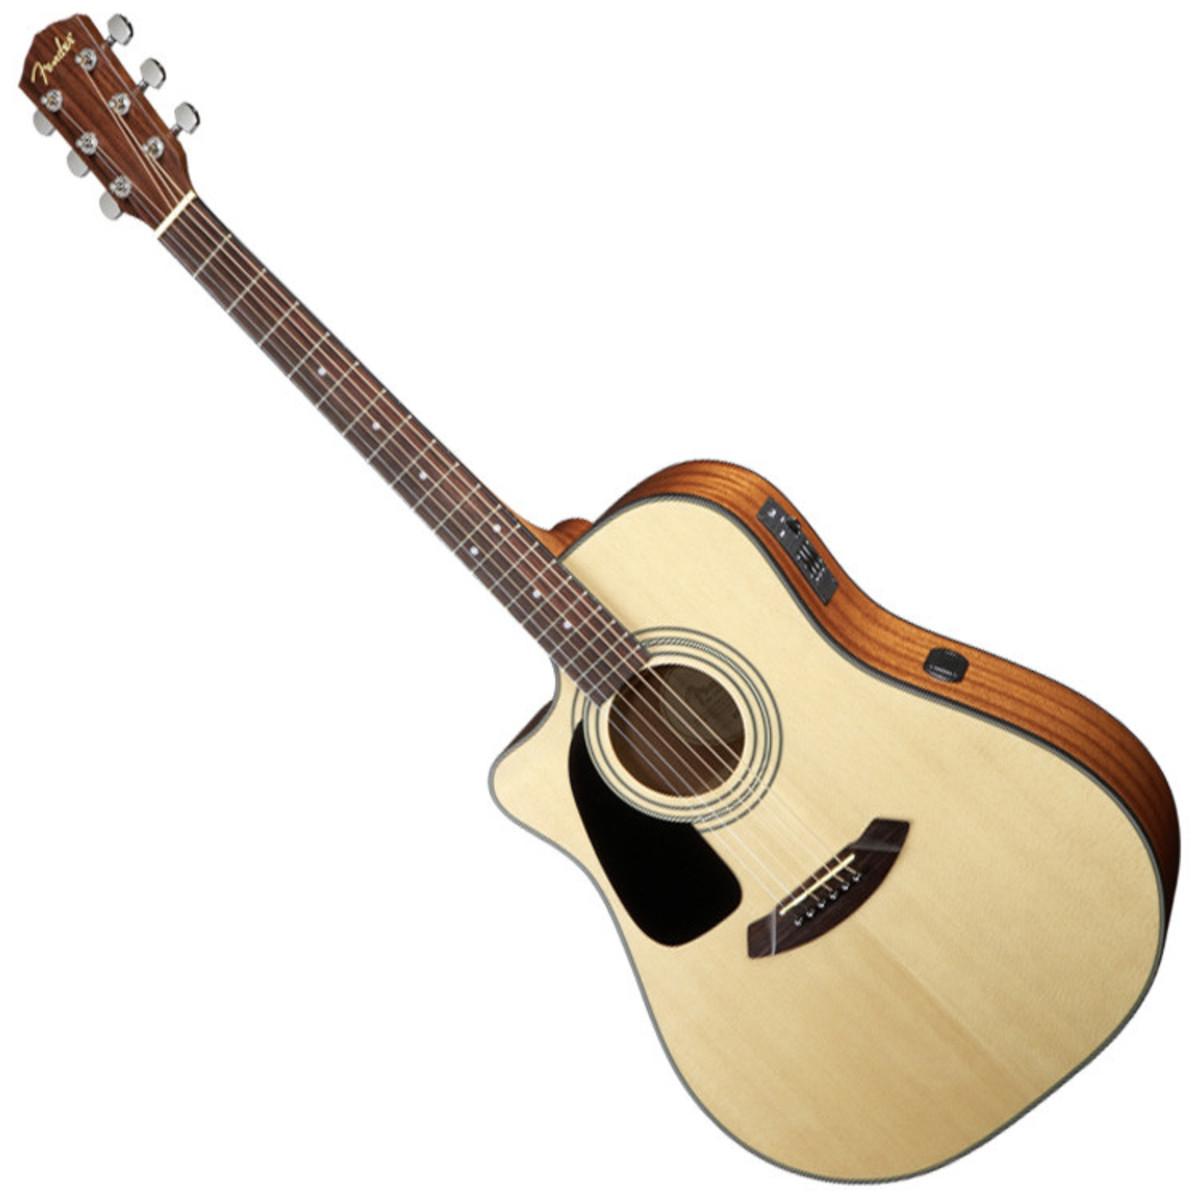 fender cd 100ce lh left handed electro acoustic guitar natural at. Black Bedroom Furniture Sets. Home Design Ideas